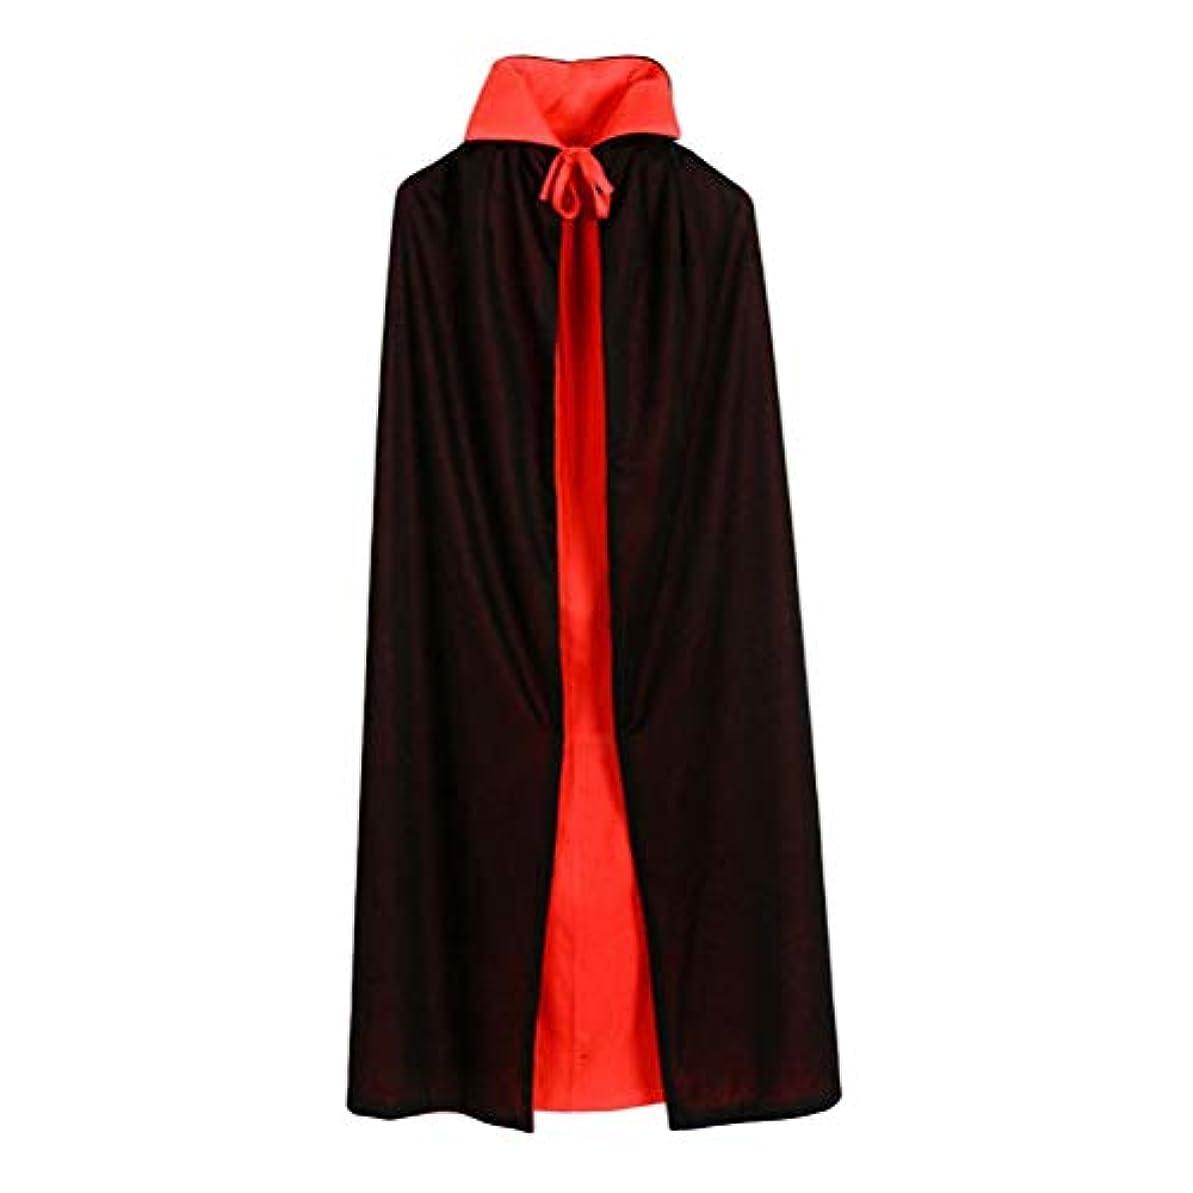 告発拾うフィードバックToyvian ヴァンパイアマント二重層黒と赤のフード付きマントヴァンパイアコスチュームコスプレケープは男の子と女の子のためにドレスアップ(90cmストレートカラーダブルマント)